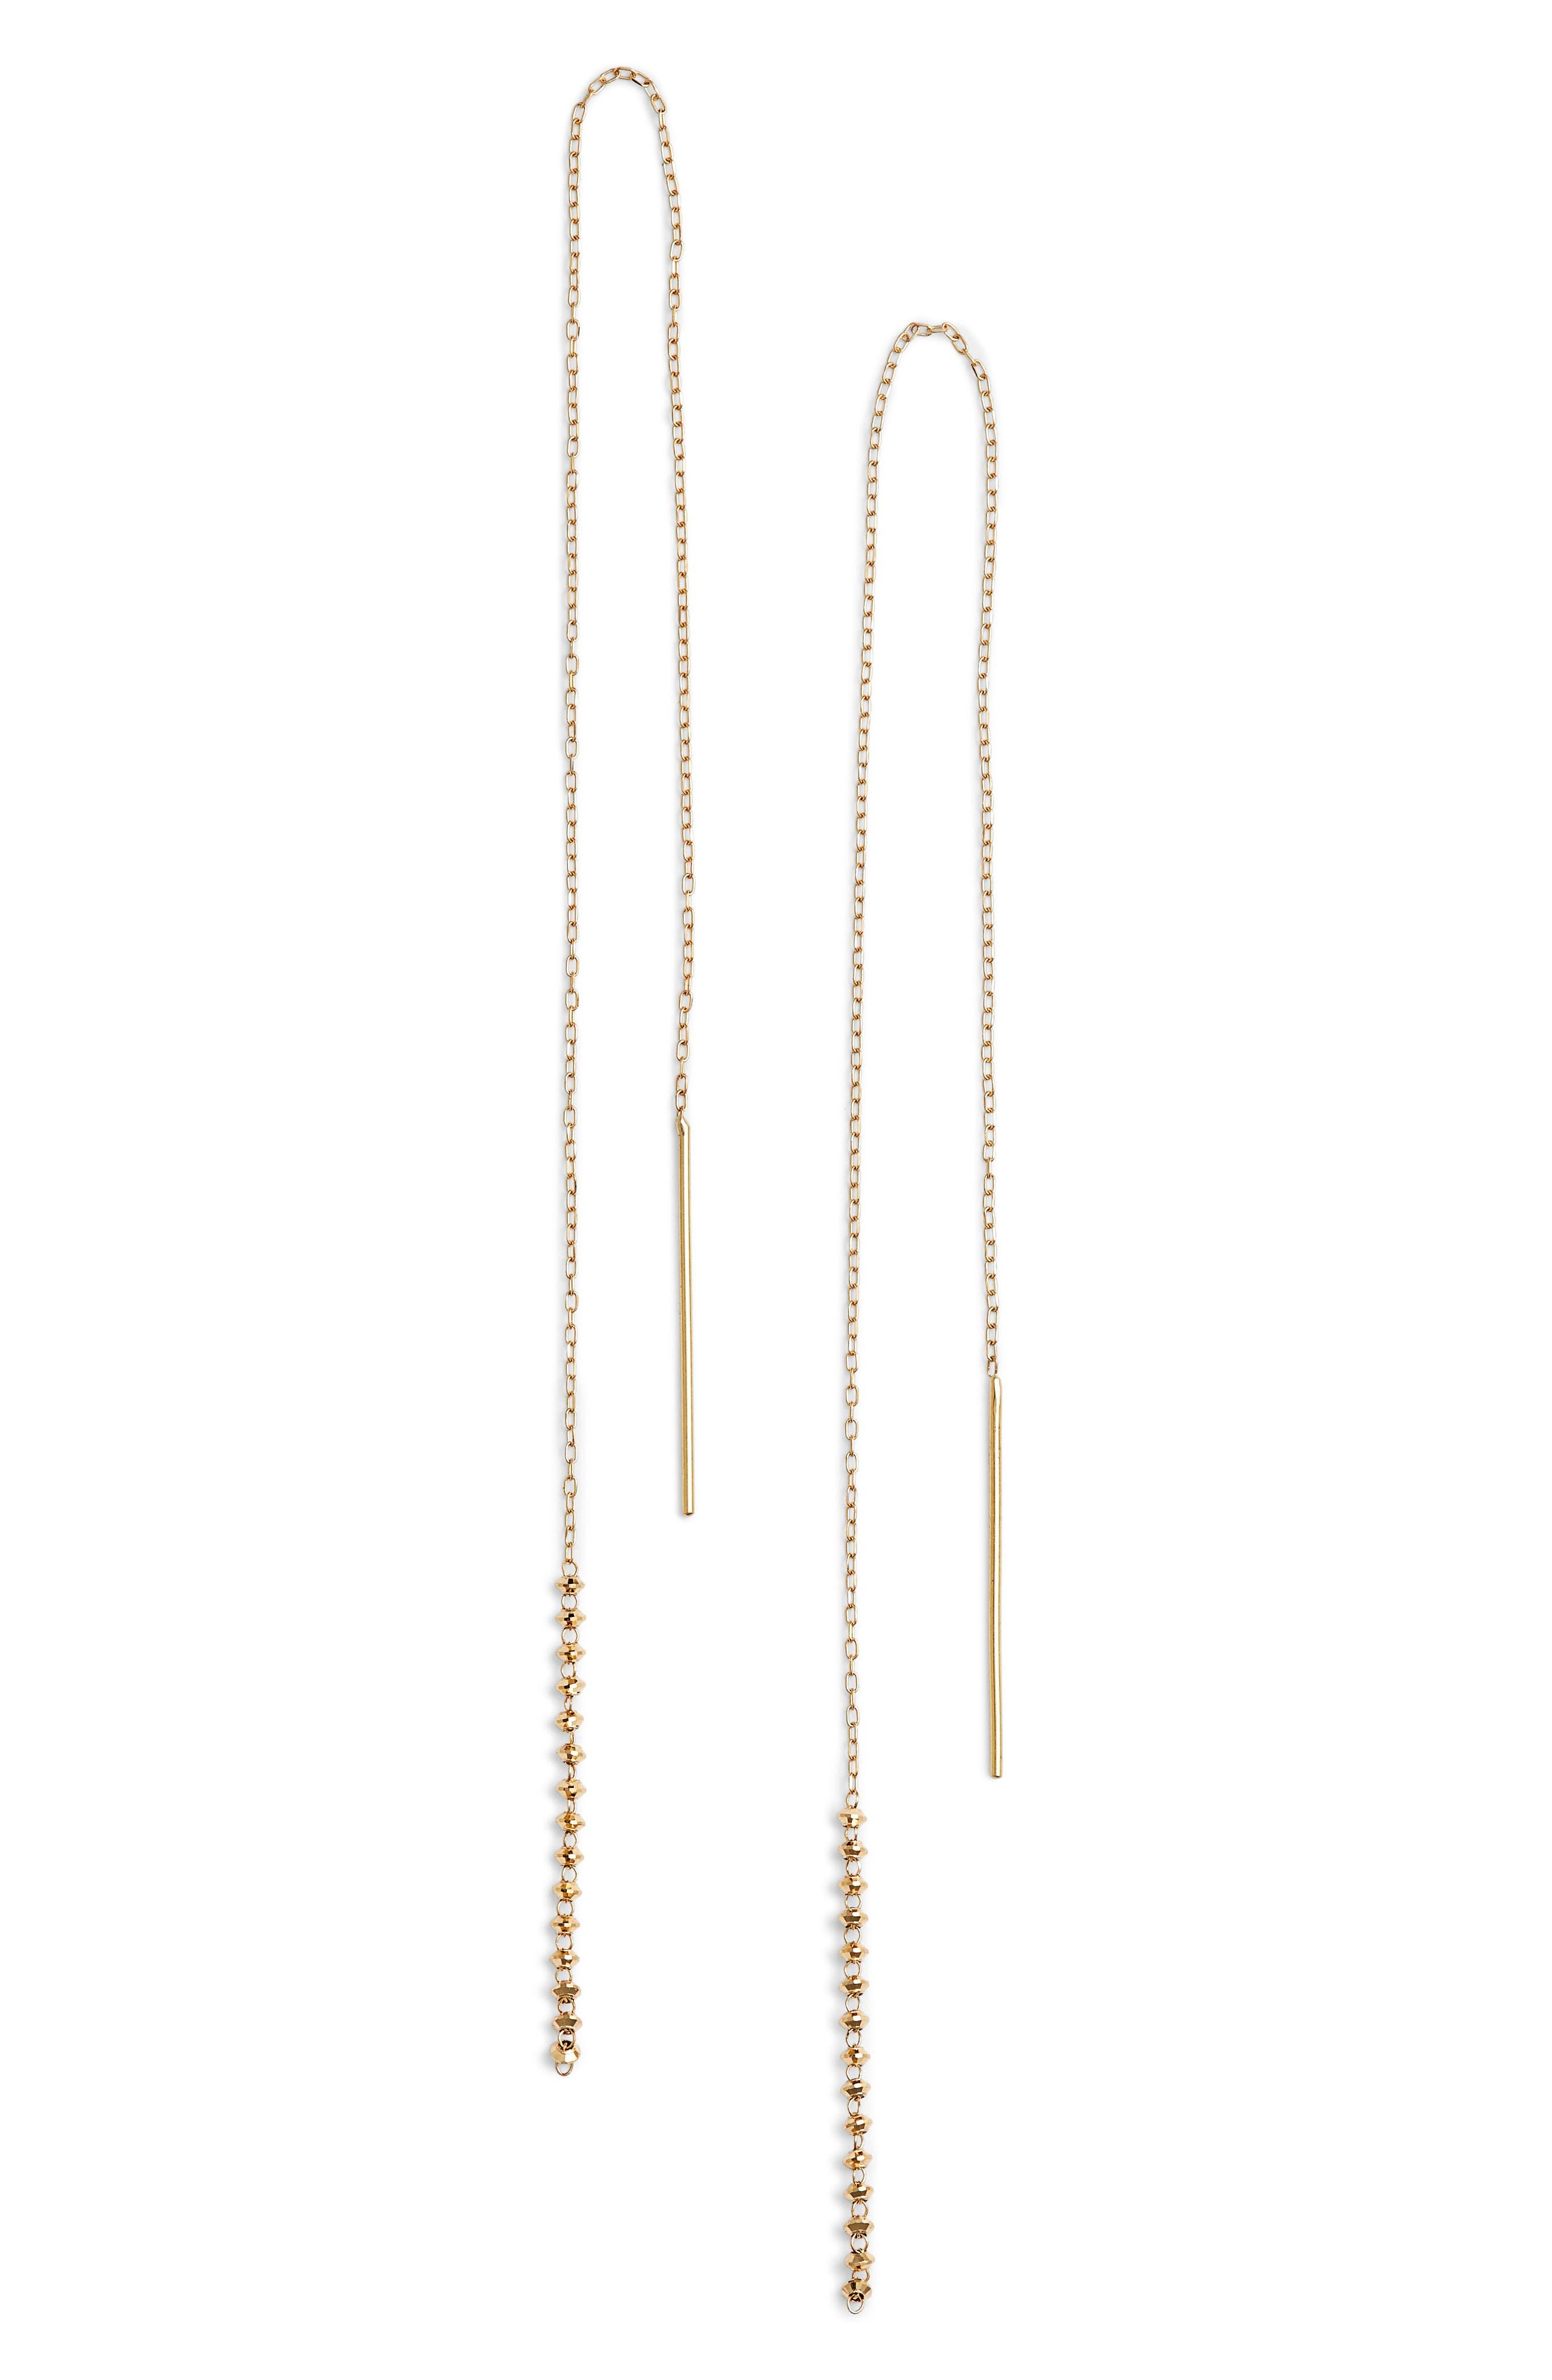 Long Shimmer Threader Earrings,                             Main thumbnail 1, color,                             710